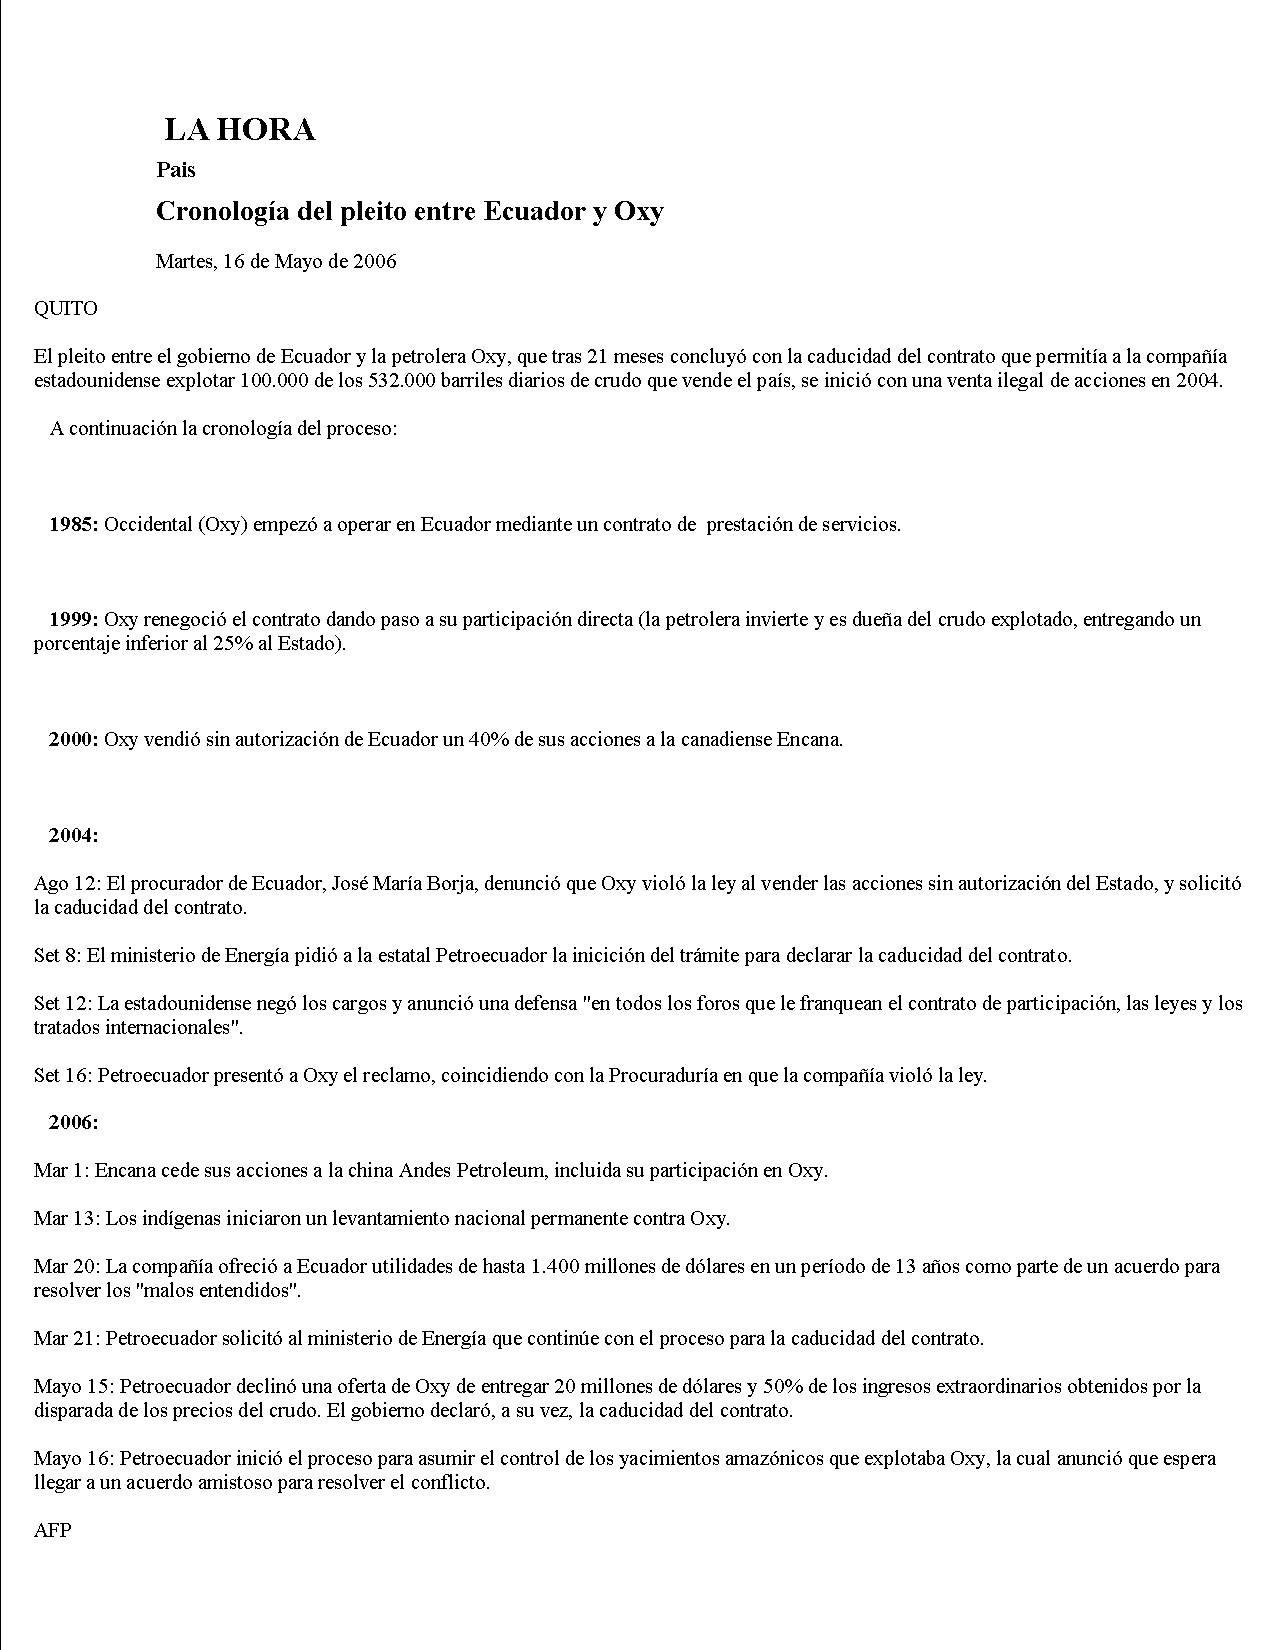 15-LA HORA 16-05-2006 Cronologia del pleito entre Ecuador y Oxy